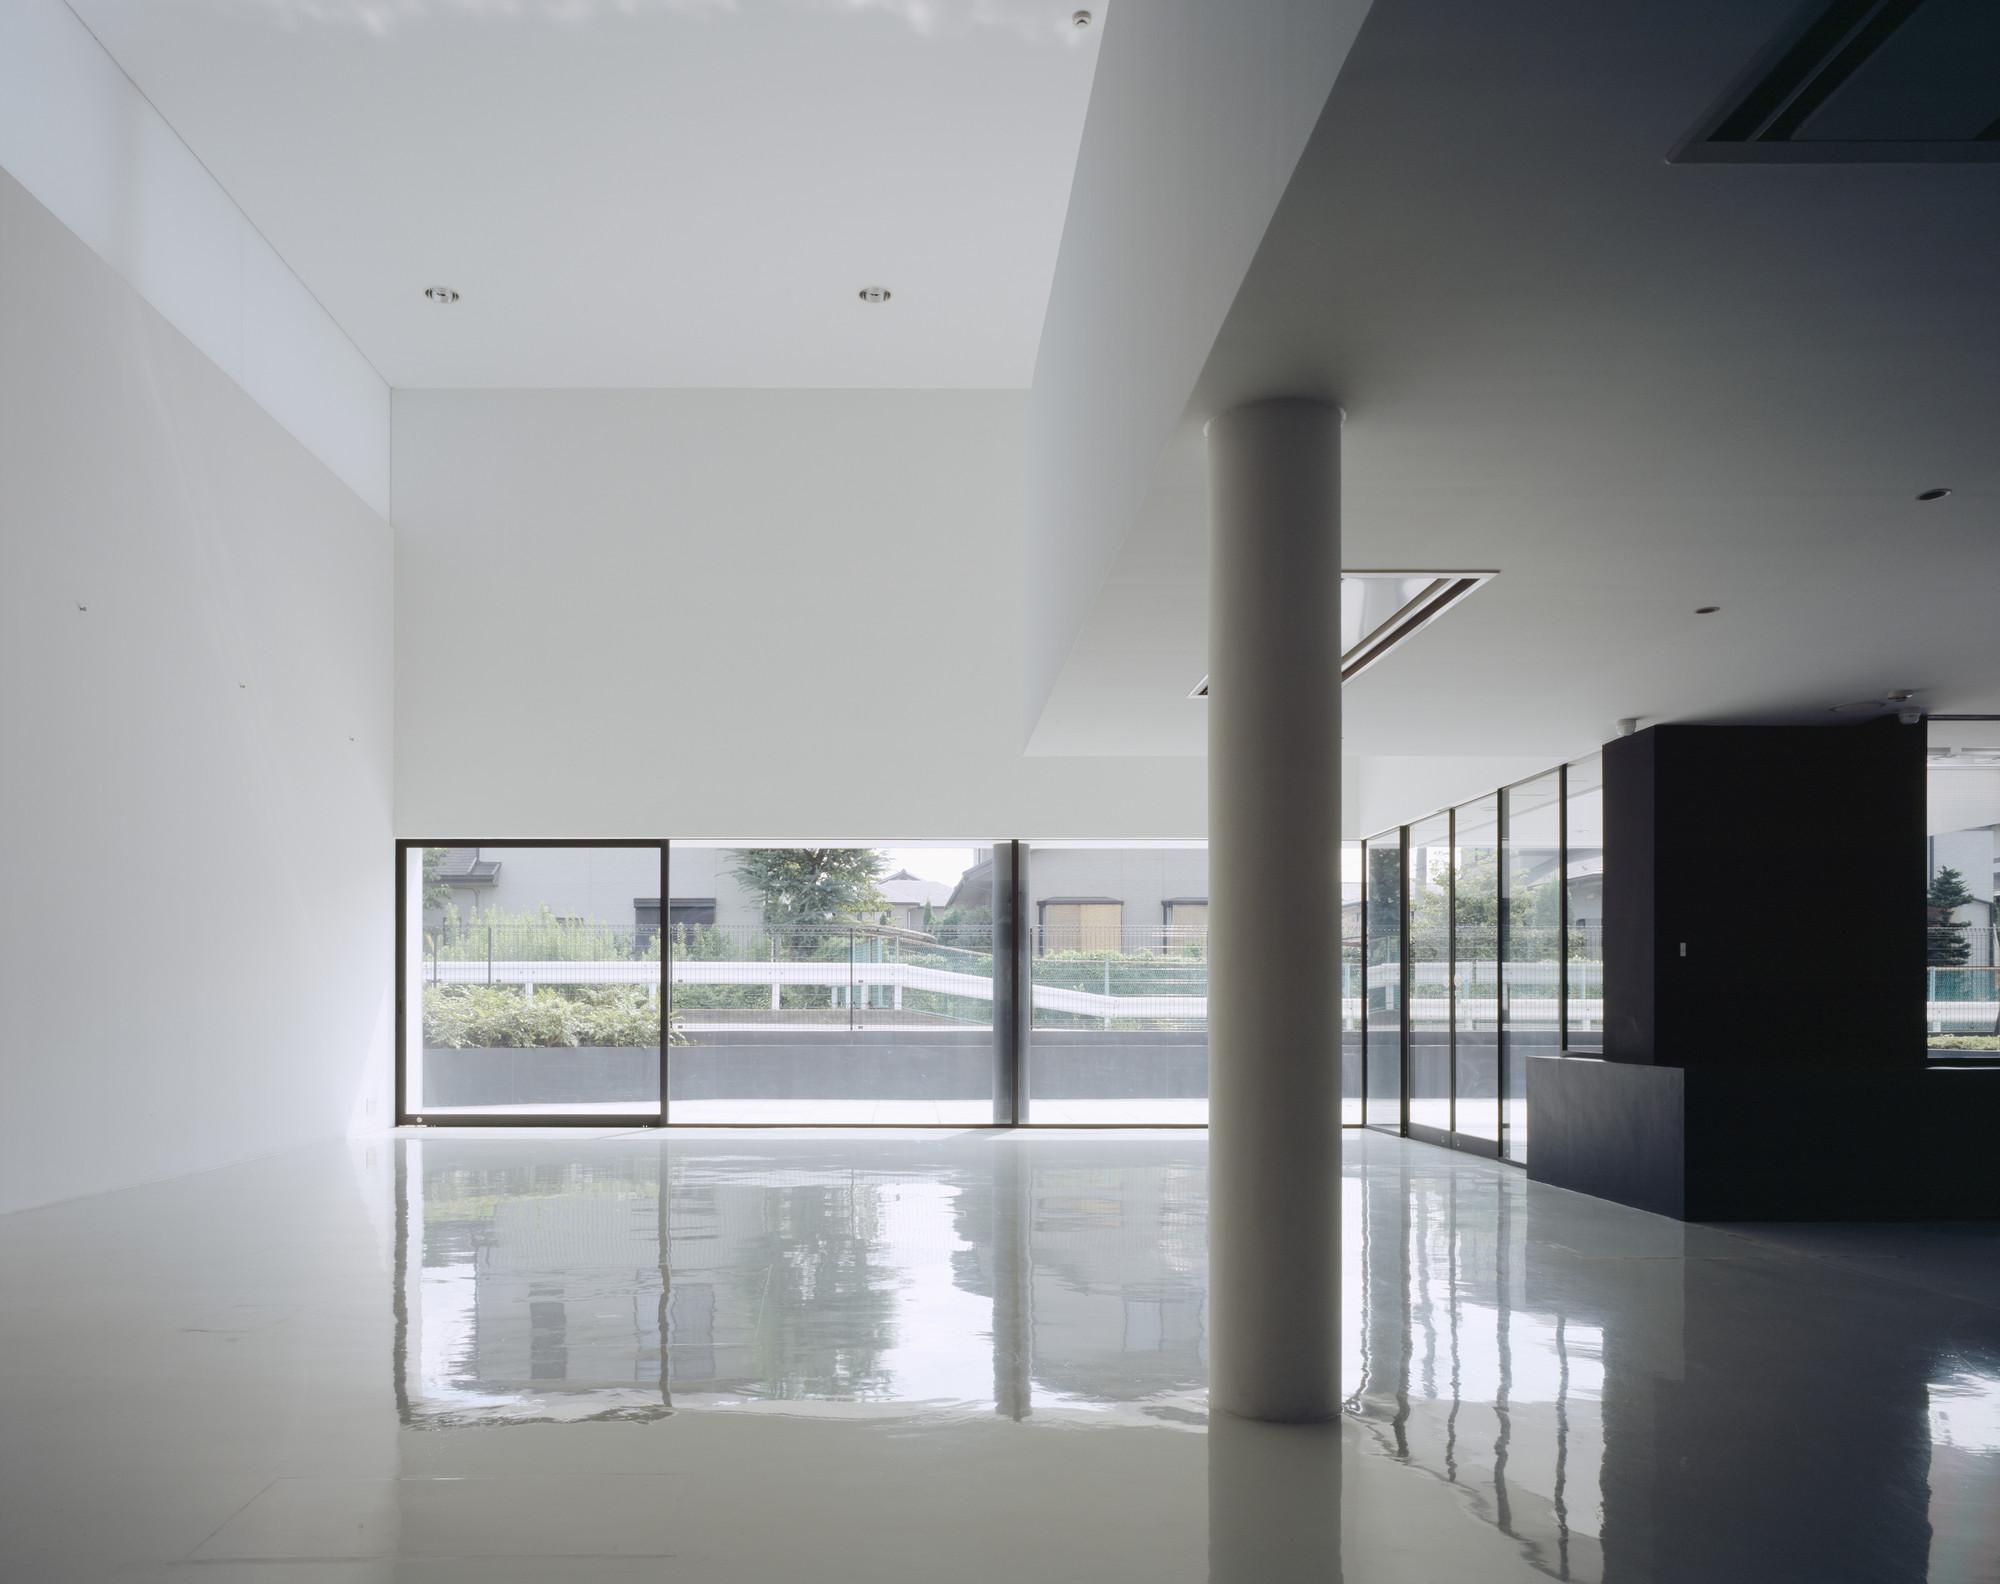 Utsunomiya Beauty School / Shin Ohori - General Design